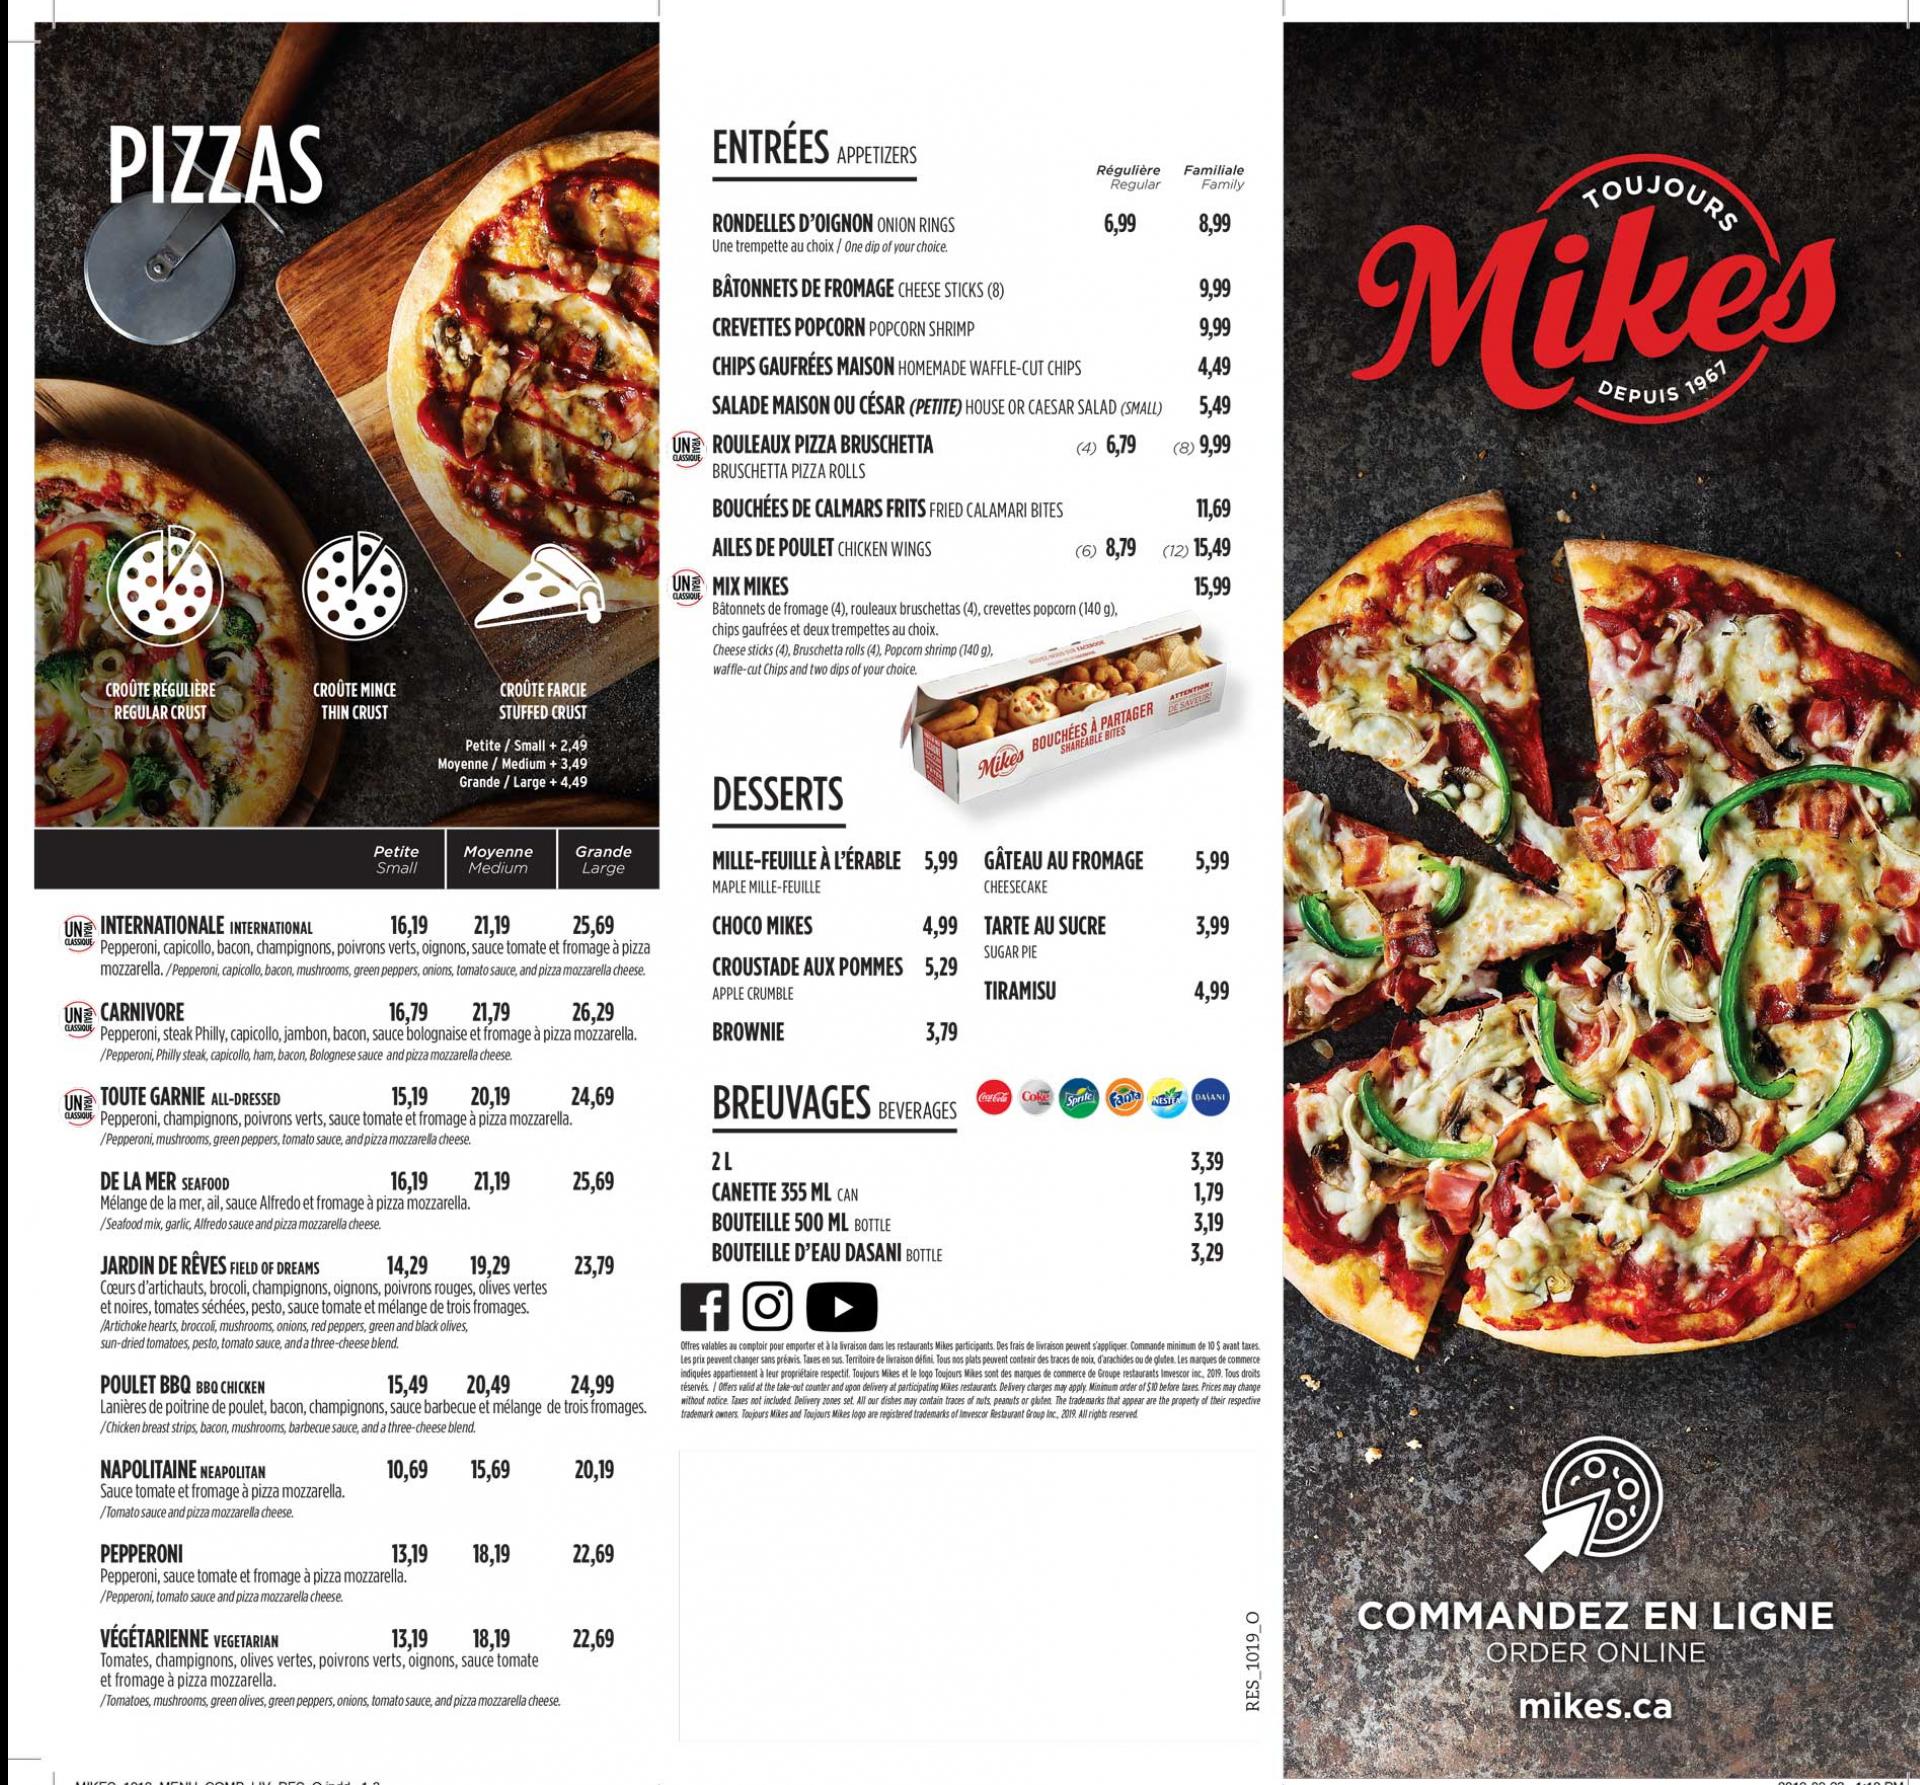 mikes-st-jerome-menu-livraison-mai-2020-1.png